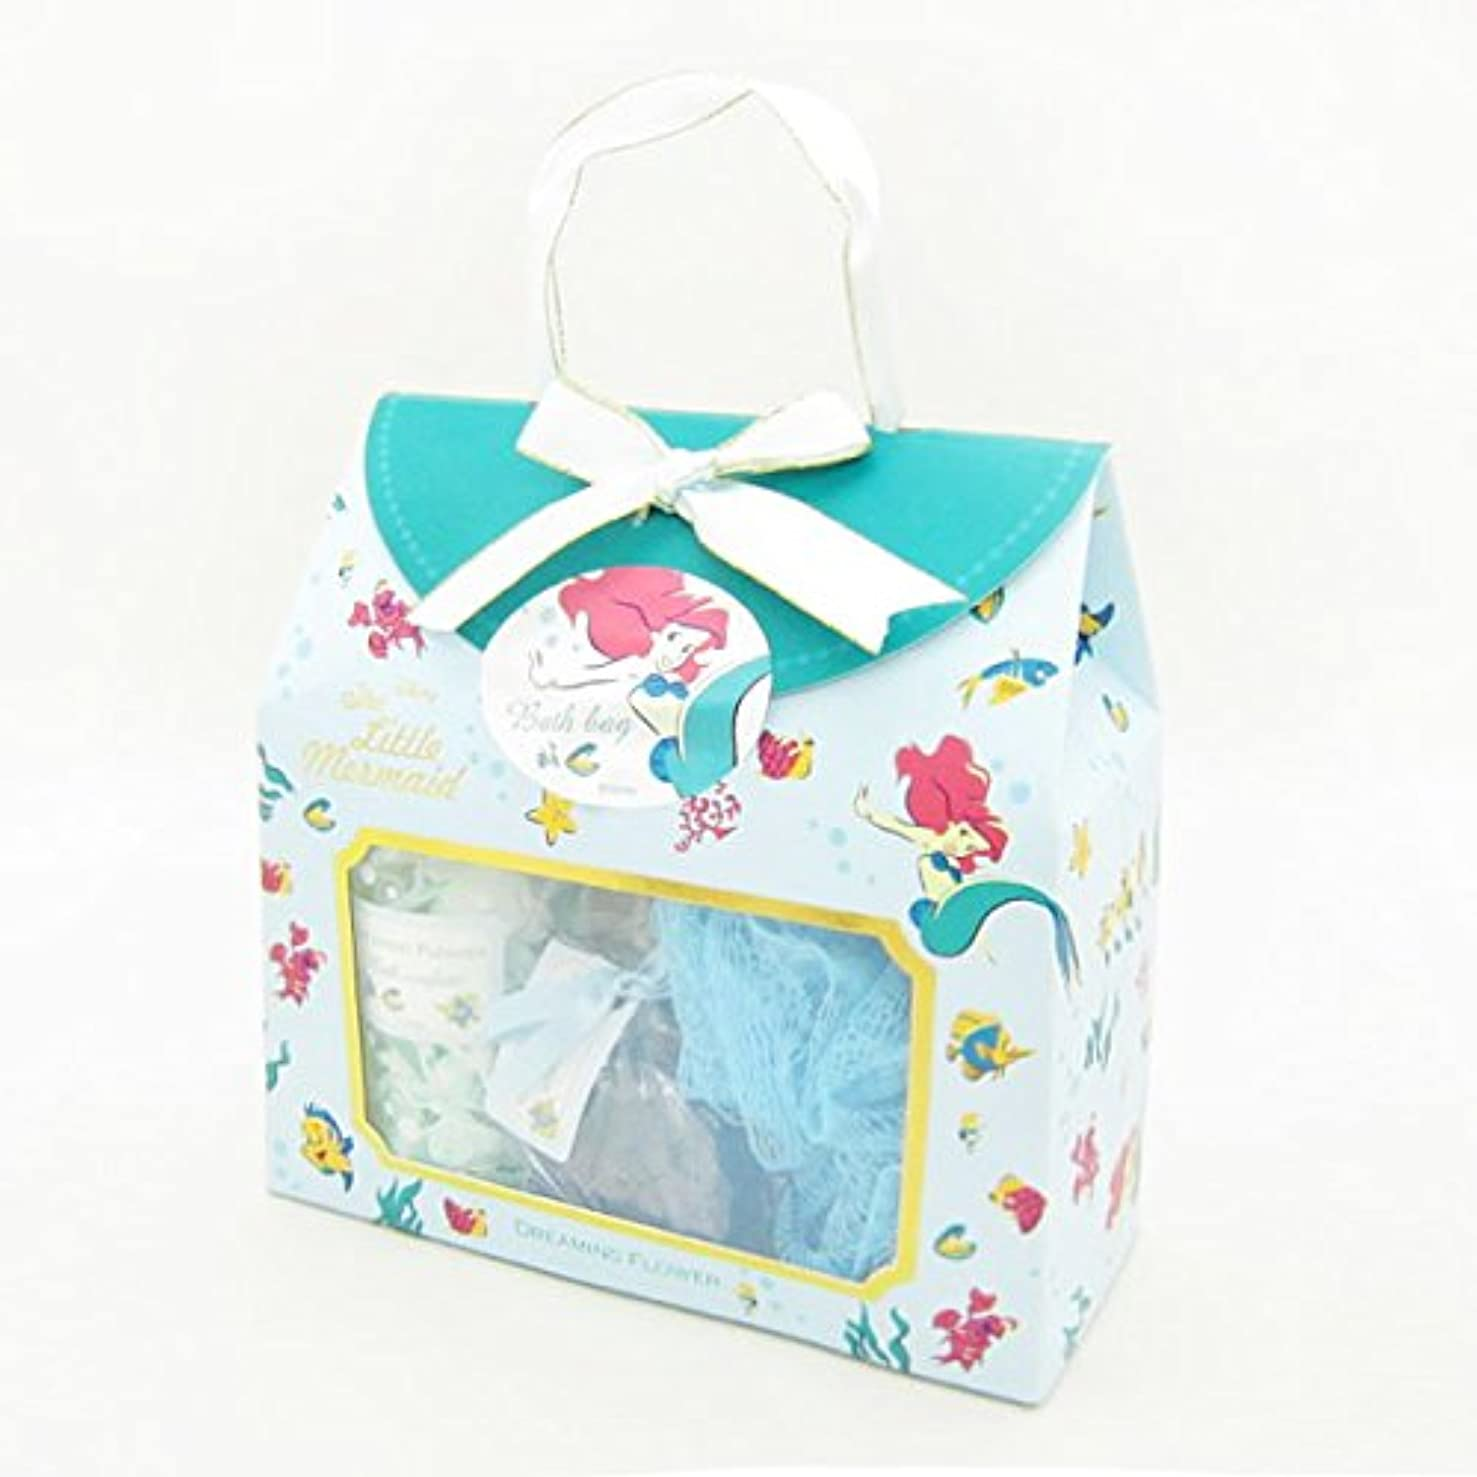 単語品震えディズニーフレグランスコレクション バスバッグト5点セット アリエル ドリーミングフラワー(透明感のあるムスクの香り)